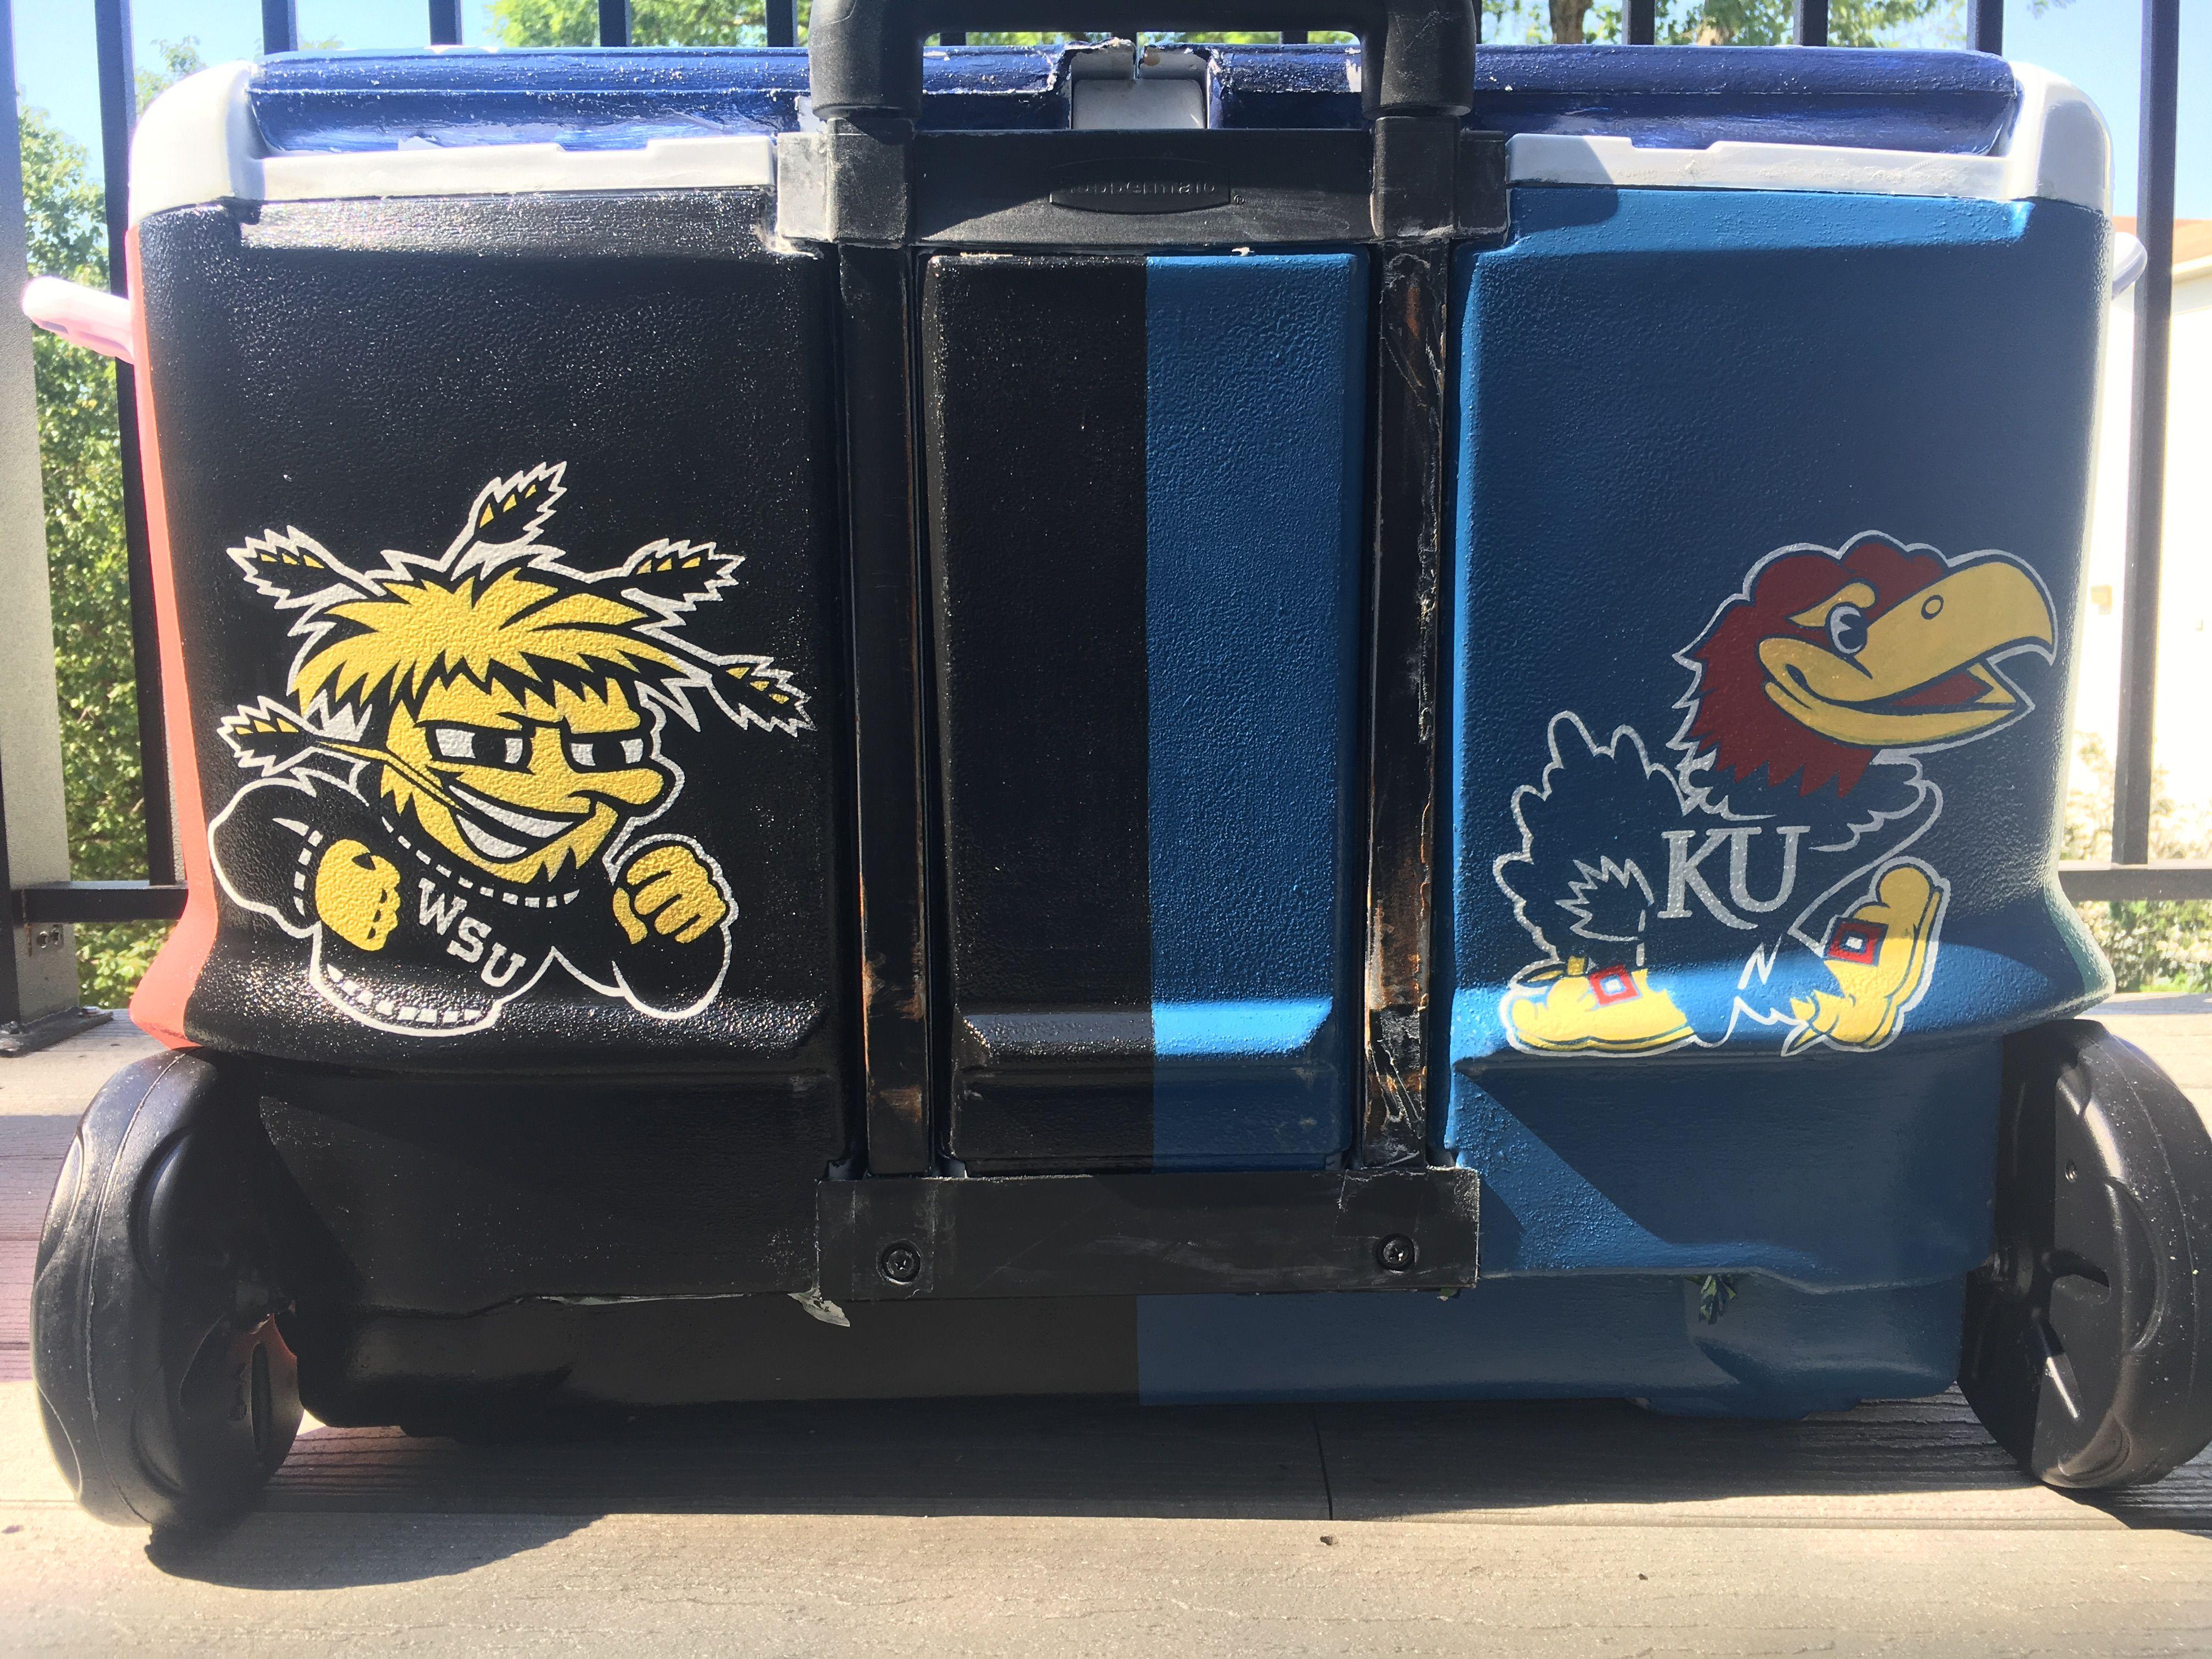 Fraternity Cooler Wichita State University Wsu University Of Kansas Ku Fraternity Coolers Wichita State University University Of Kansas [ 3024 x 4032 Pixel ]